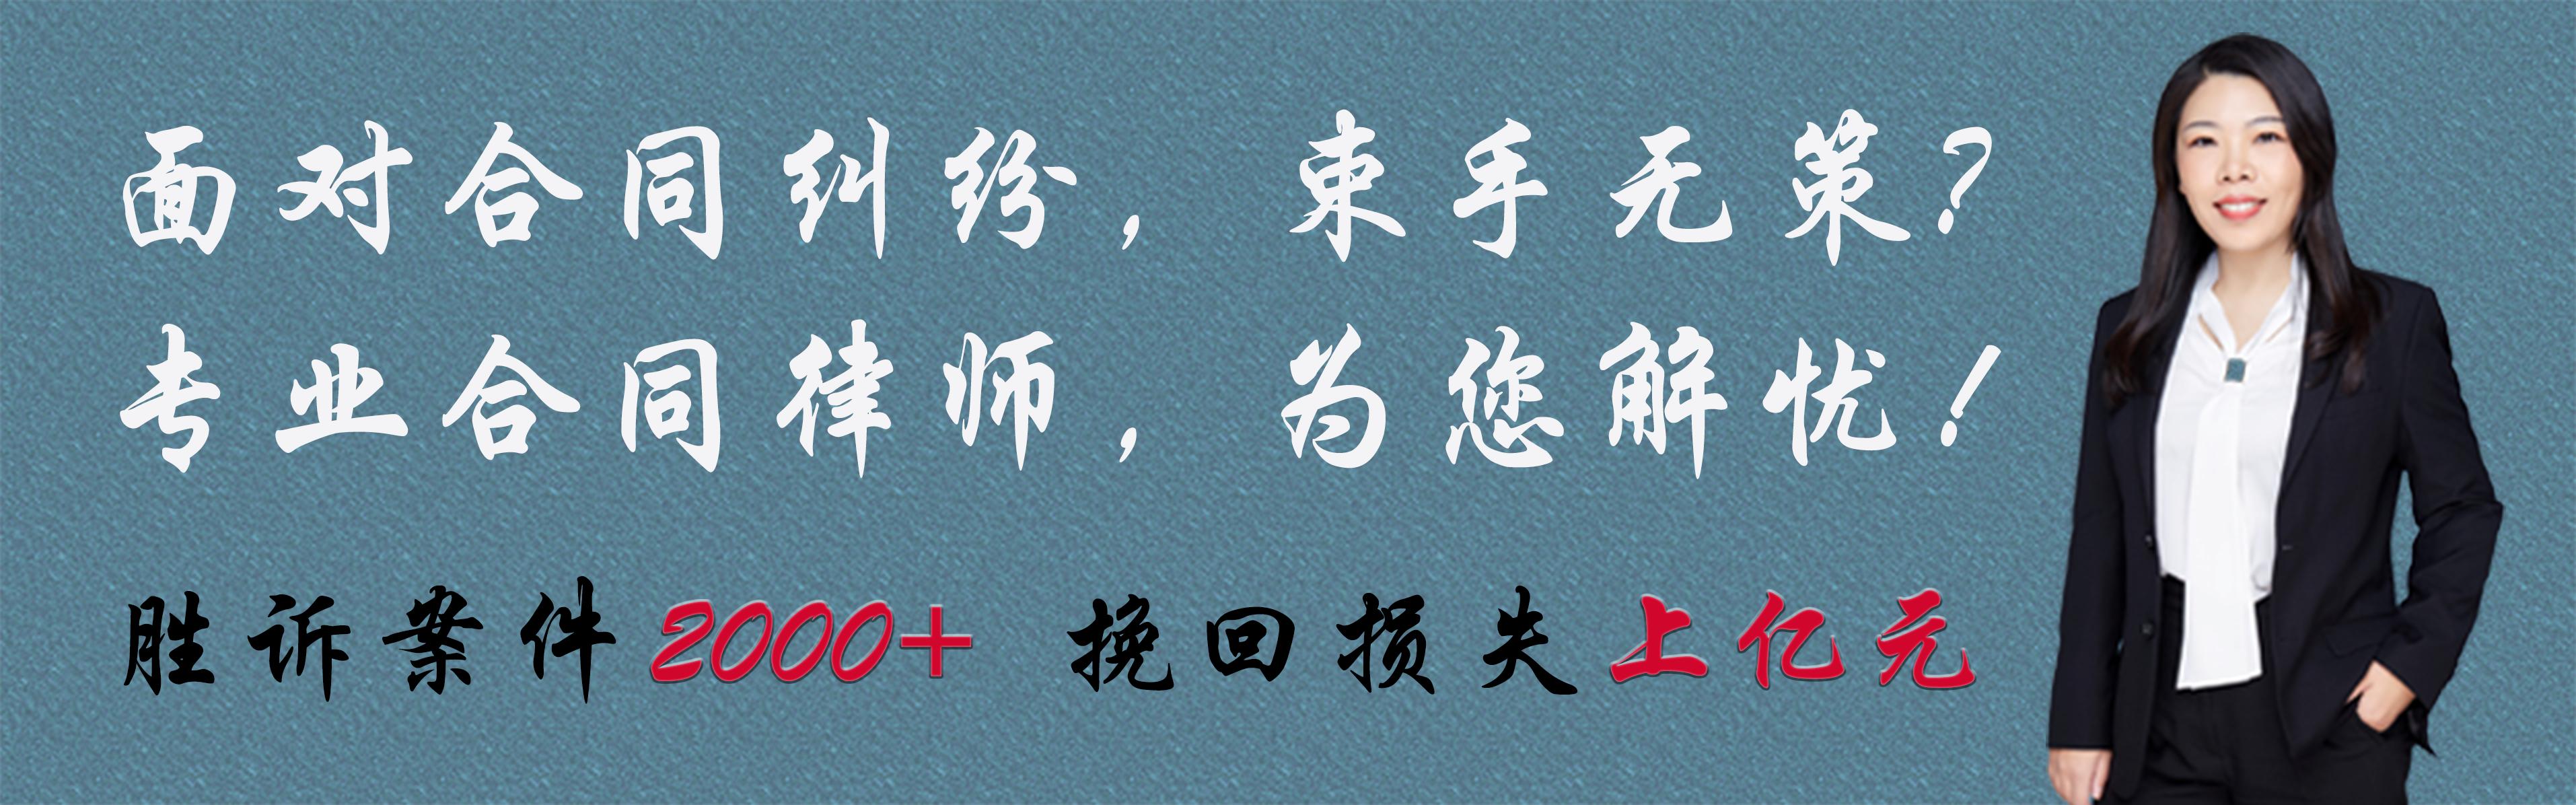 国晖(北京)律师事务所-公司法律事务